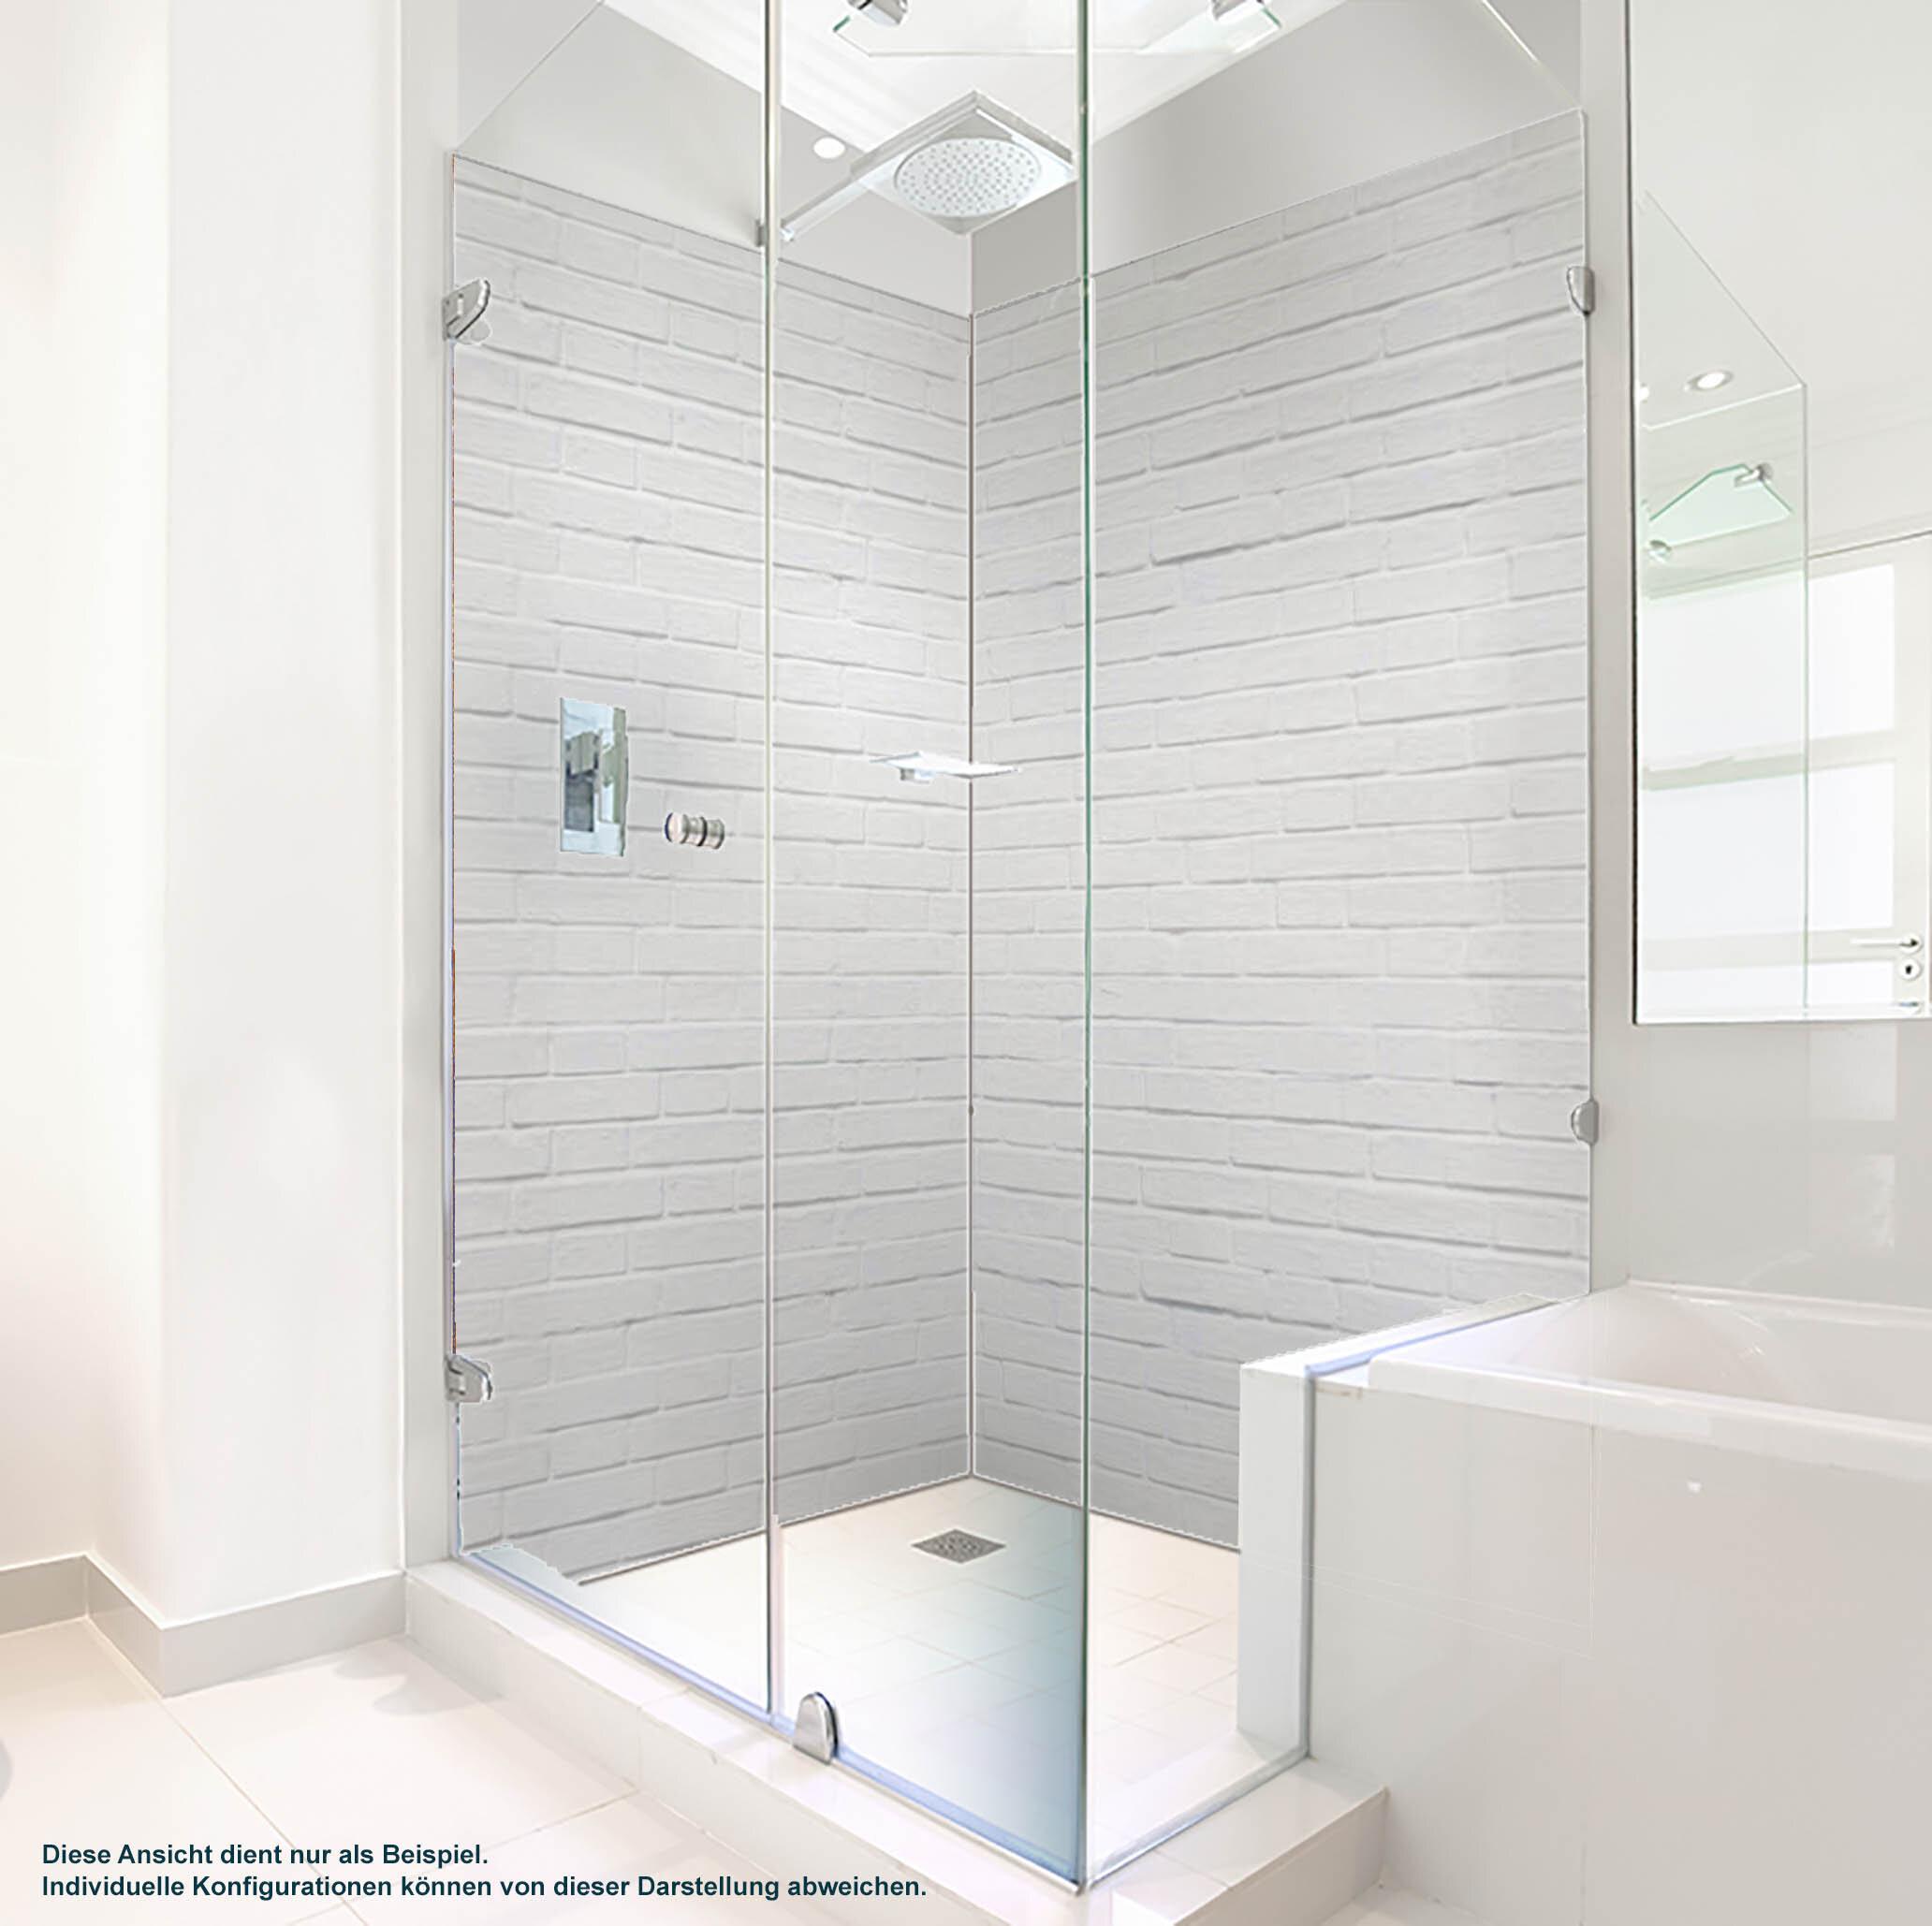 Dusche PlateART Duschrückwand mit Motiv Steinwand Weiß